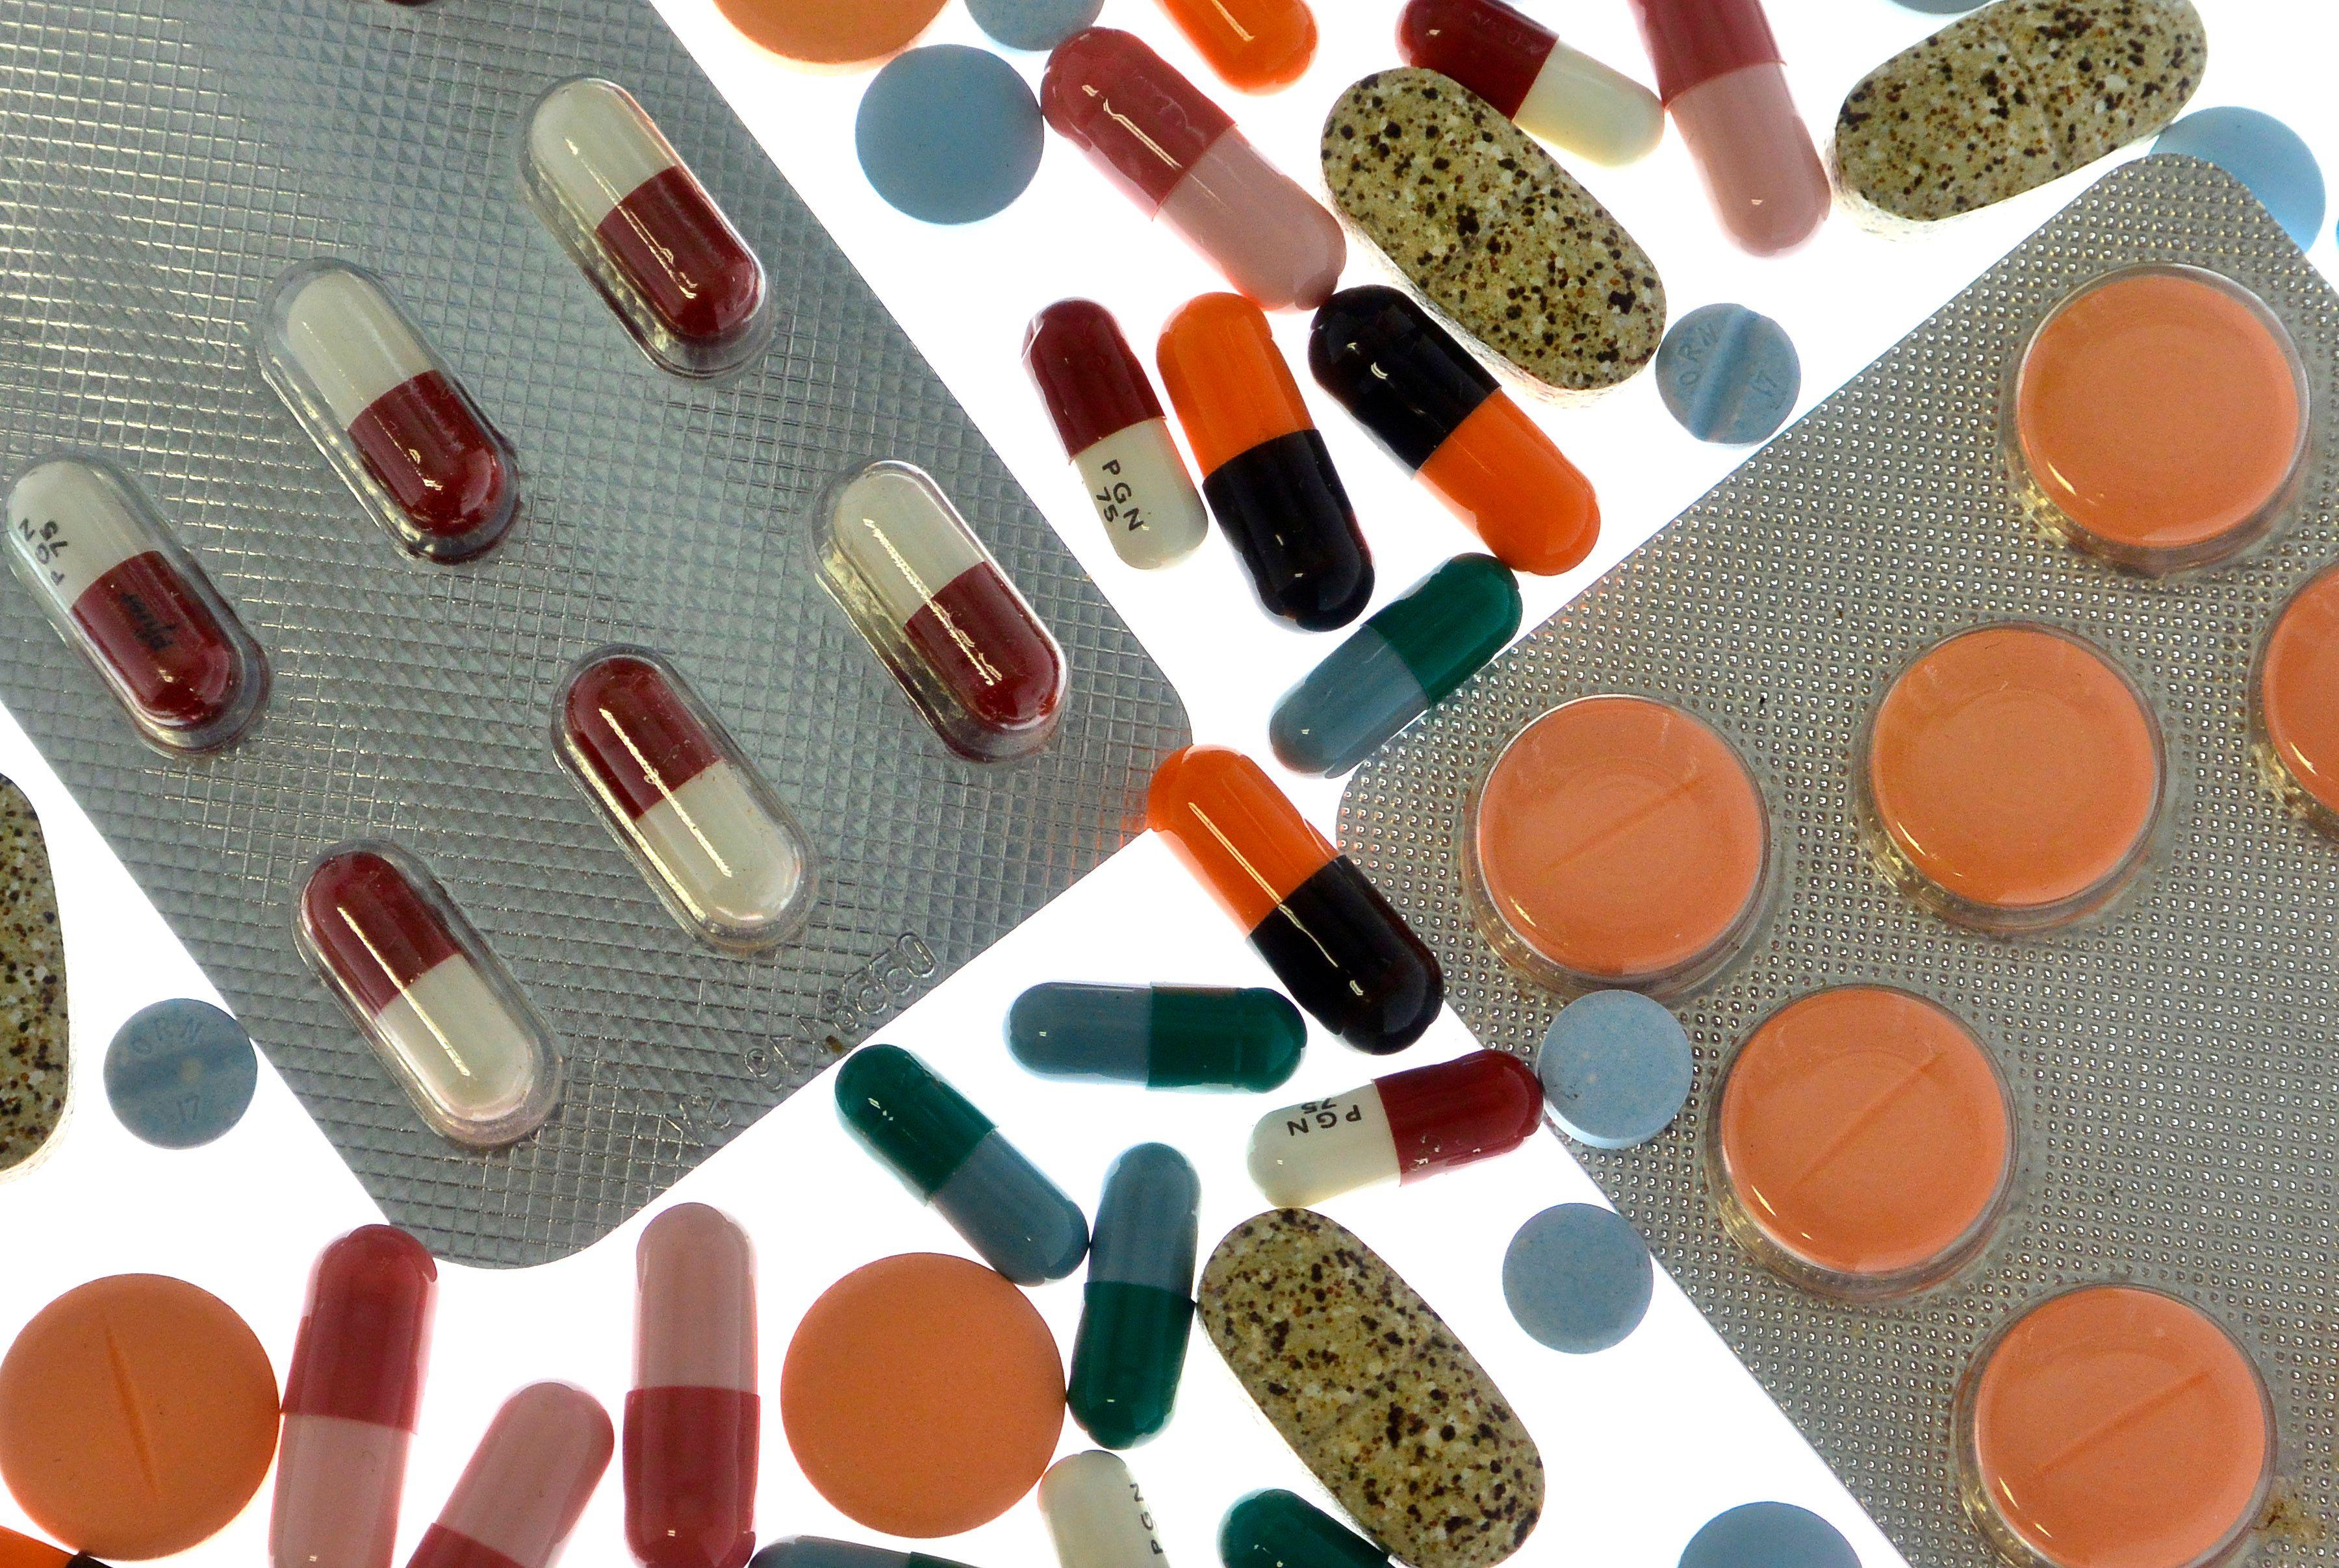 Vacances : pourquoi il est important d'emporter des médicaments avec vous (et voici lesquels)